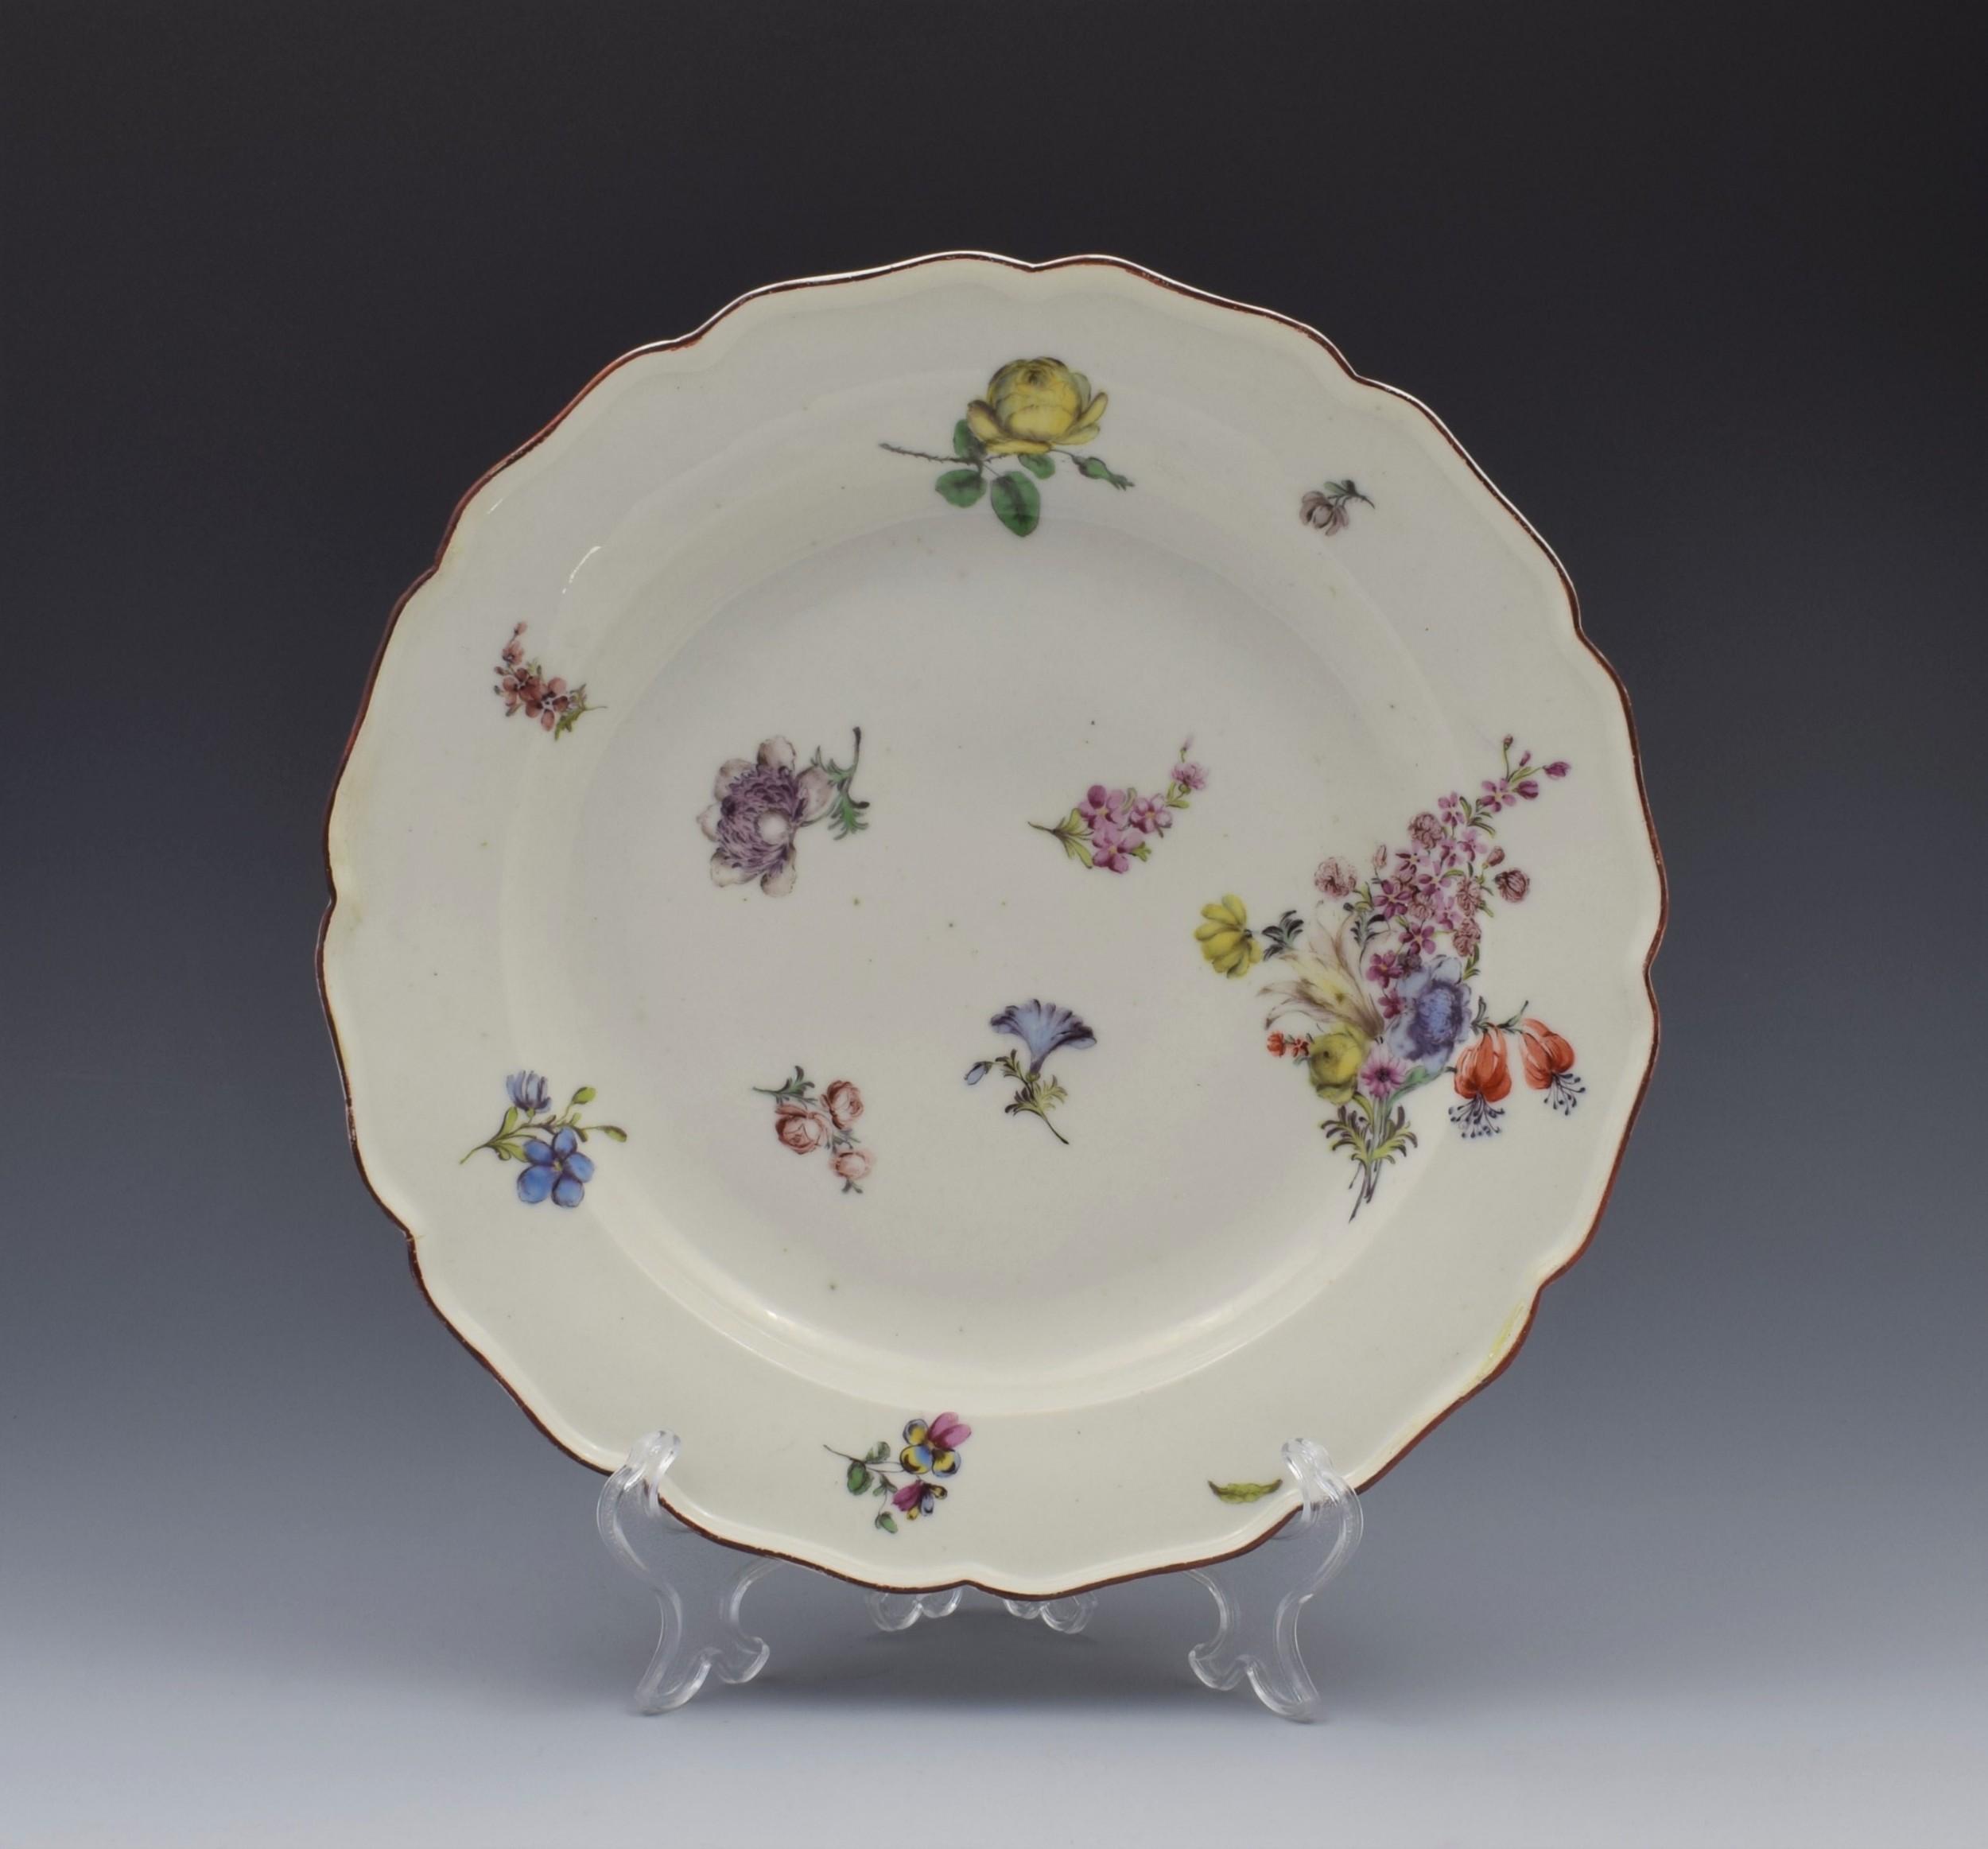 18th century chelsea porcelain floral dessert plate c1755